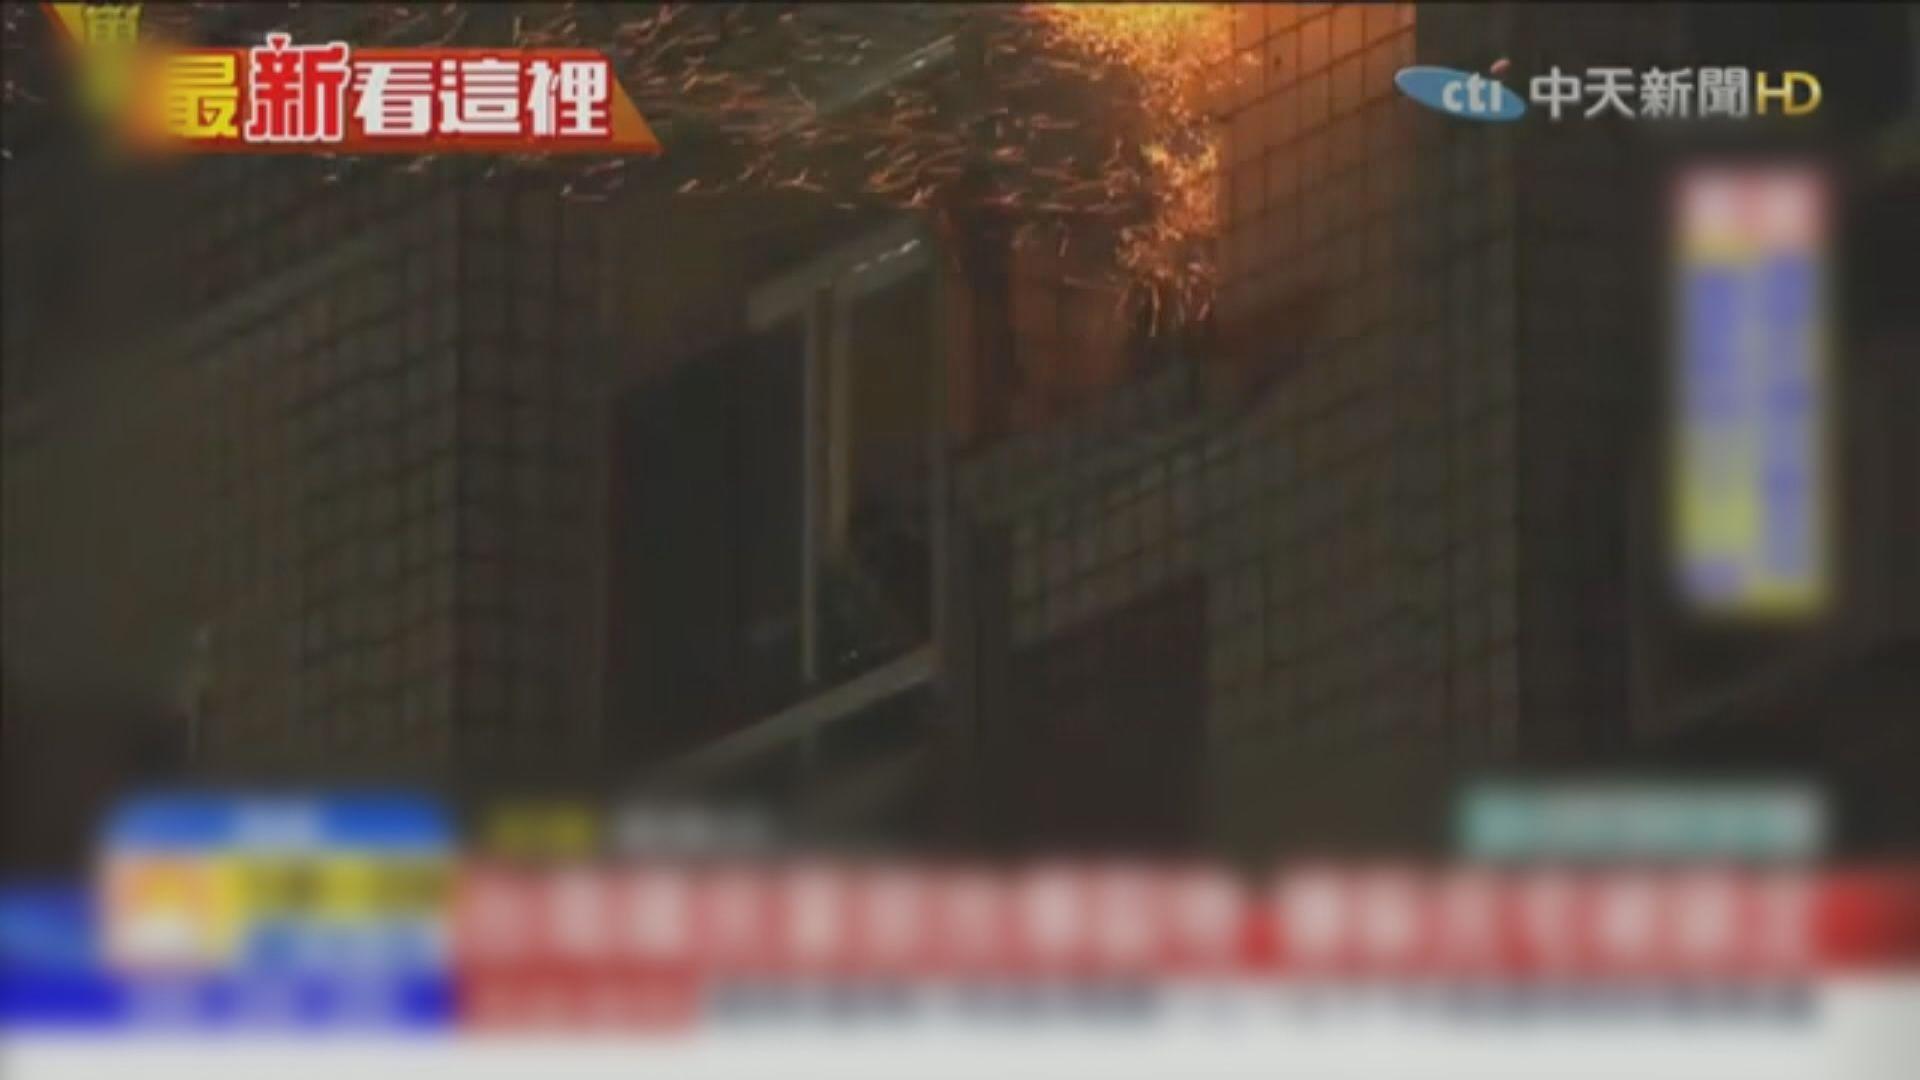 台警與疑放炸彈男子對峙 一度駁火發射催淚彈